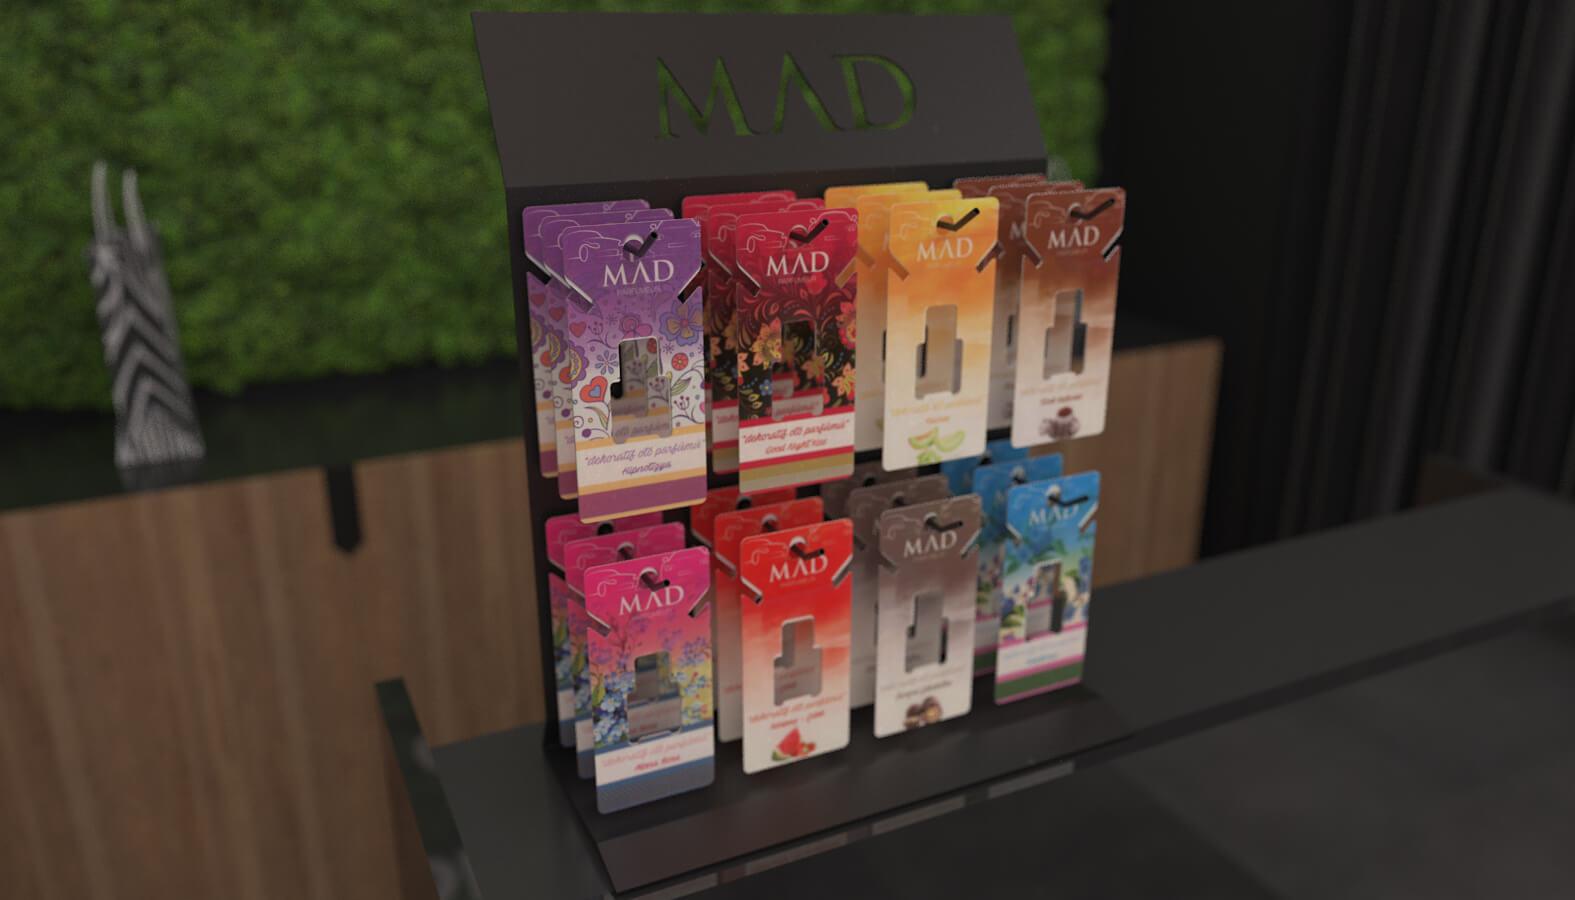 Ankamall 3689 MAD Parfumeur Perakende